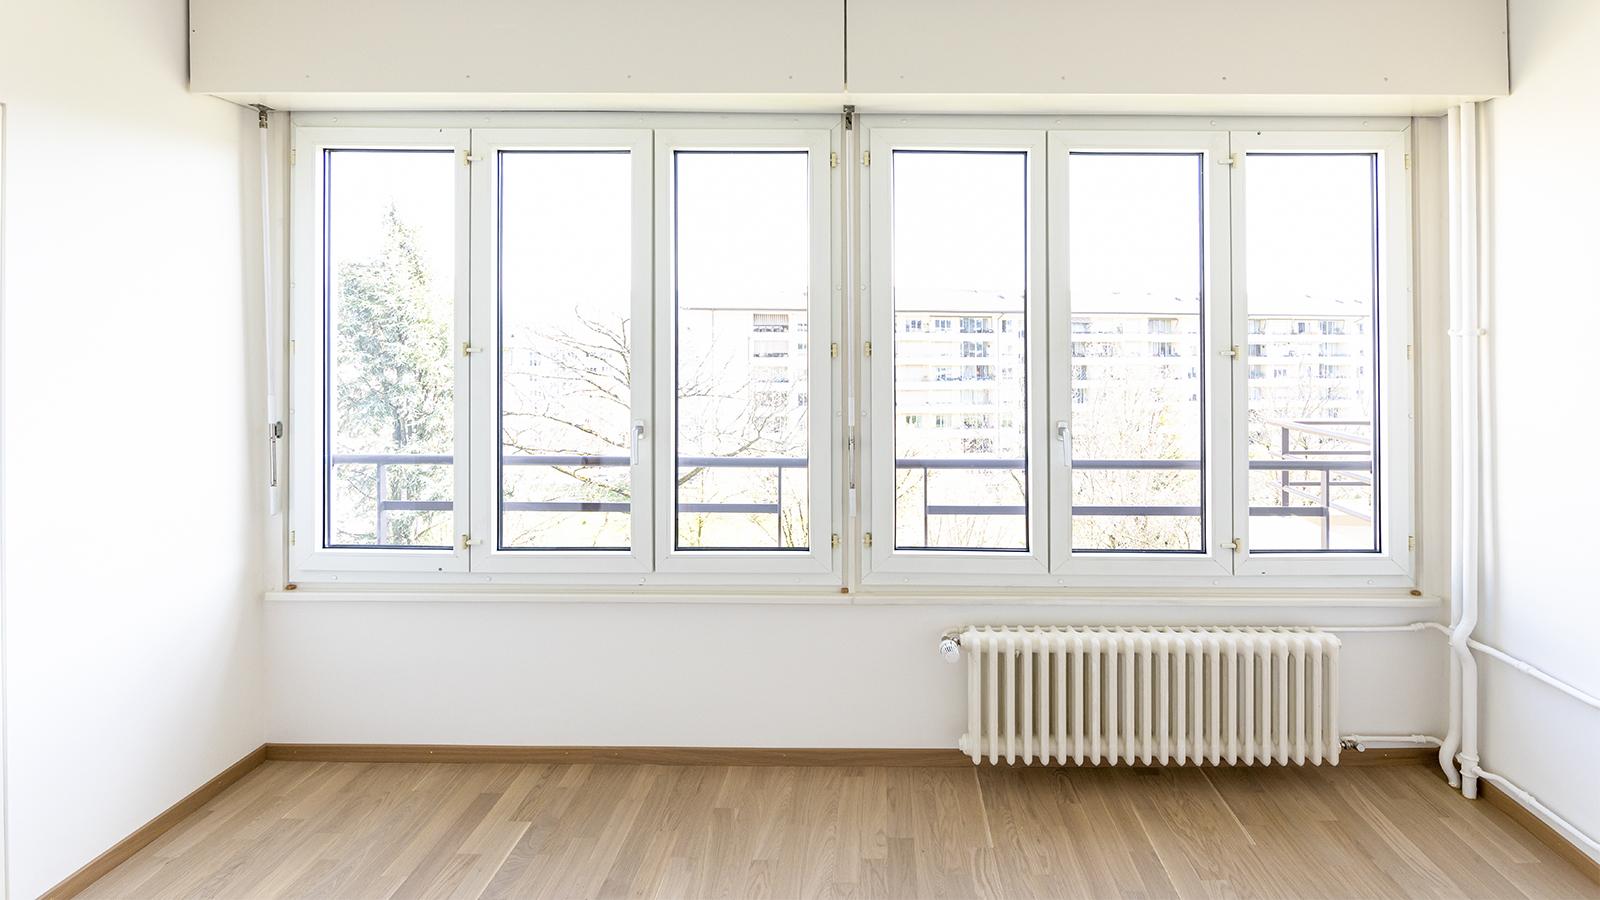 CSDK Architectes Appartement Re%CC%81novation Gene%CC%80ve 05 - Transformation d'appartements - Genève - CSDK Architectes Appartement Re%CC%81novation Gene%CC%80ve 05